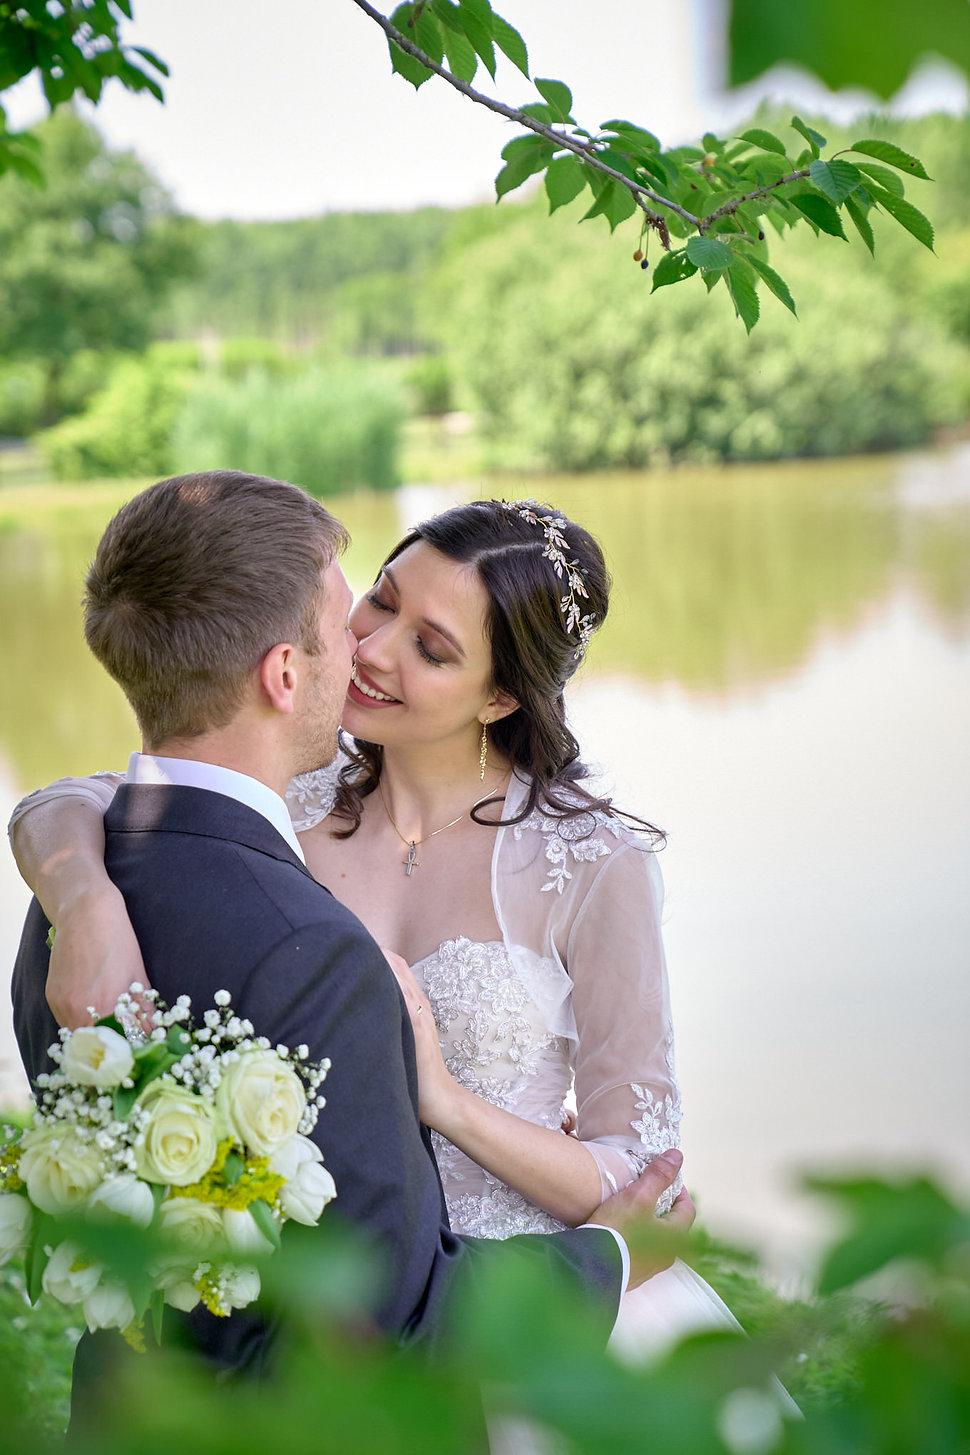 matrimonio green, sposi abbracciati, fotografo matrimonio Novara, matrimonio cascina Riazzolo,